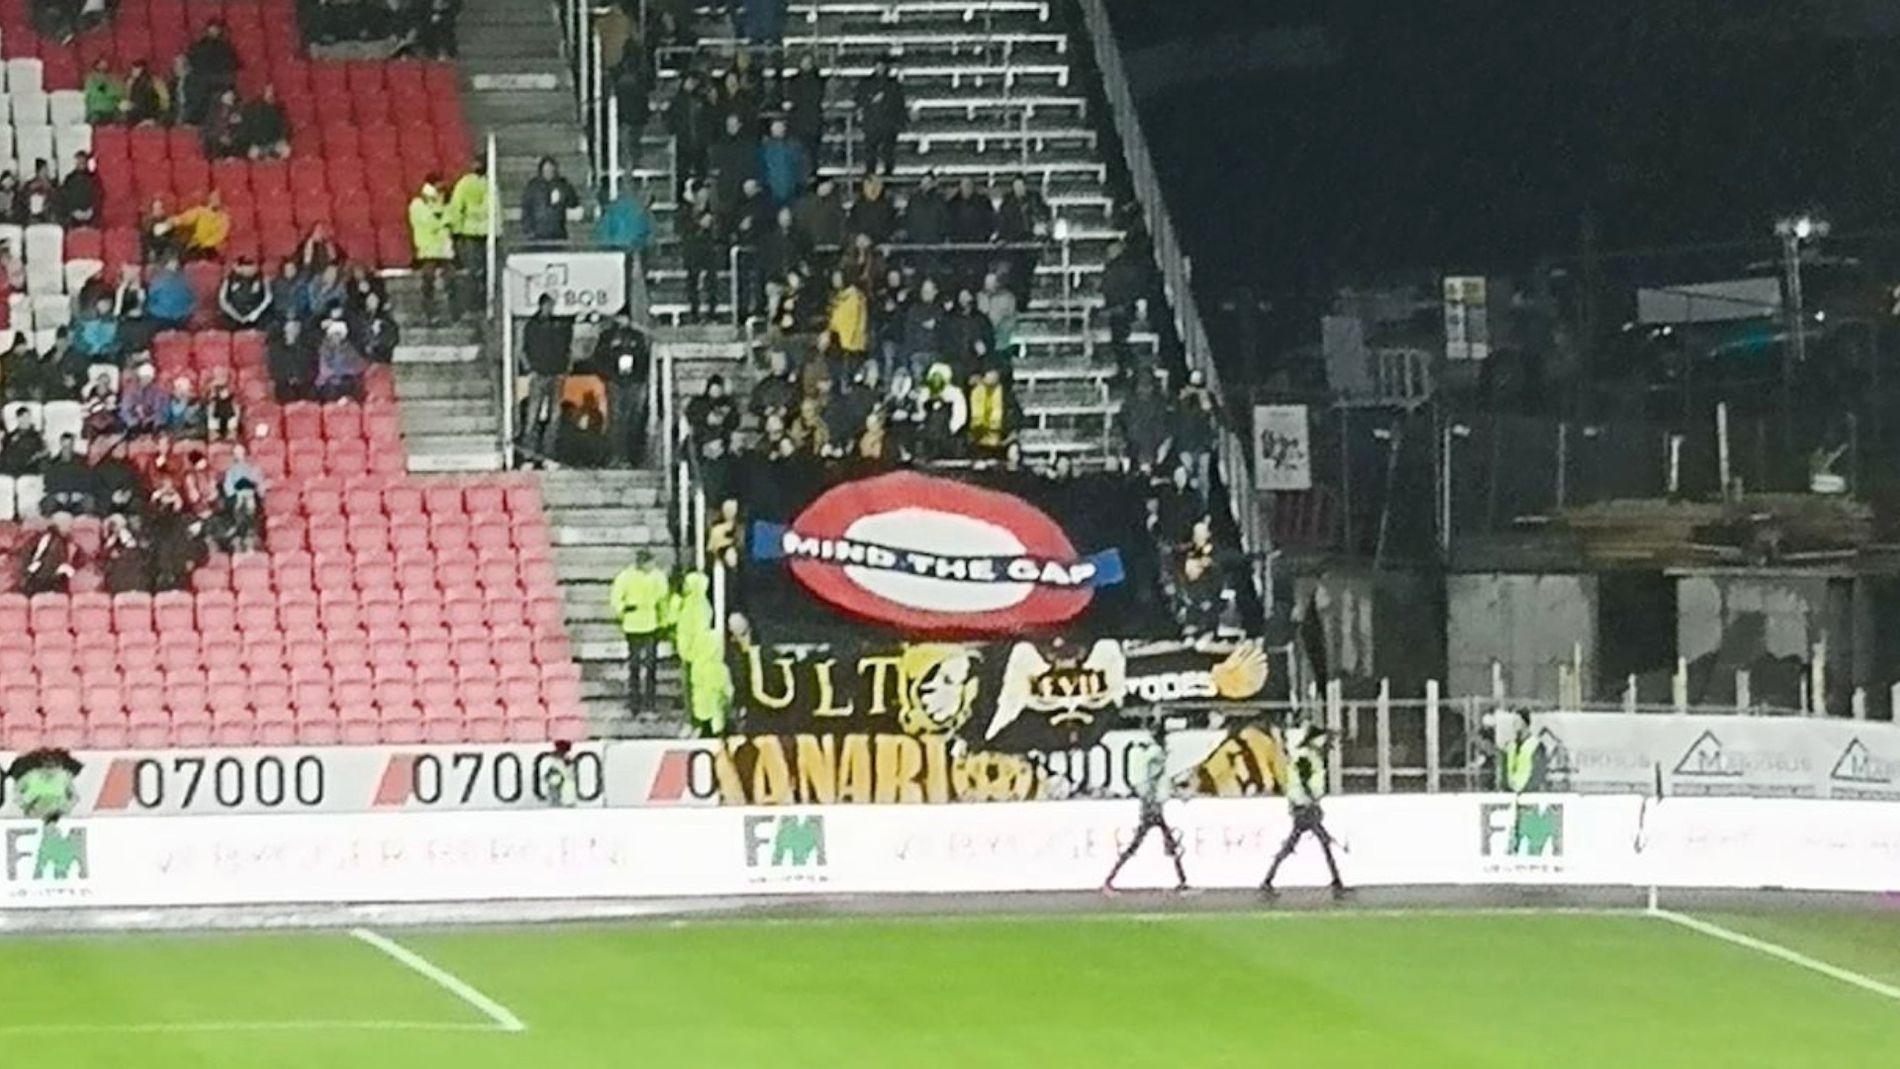 VEKKER AVSKY: Det er dette banneret – som Lillestrøm-supporterne holdt opp i annenomgang i kampen mot Brann – som får Fotball-Norge til å reagere sterkt.